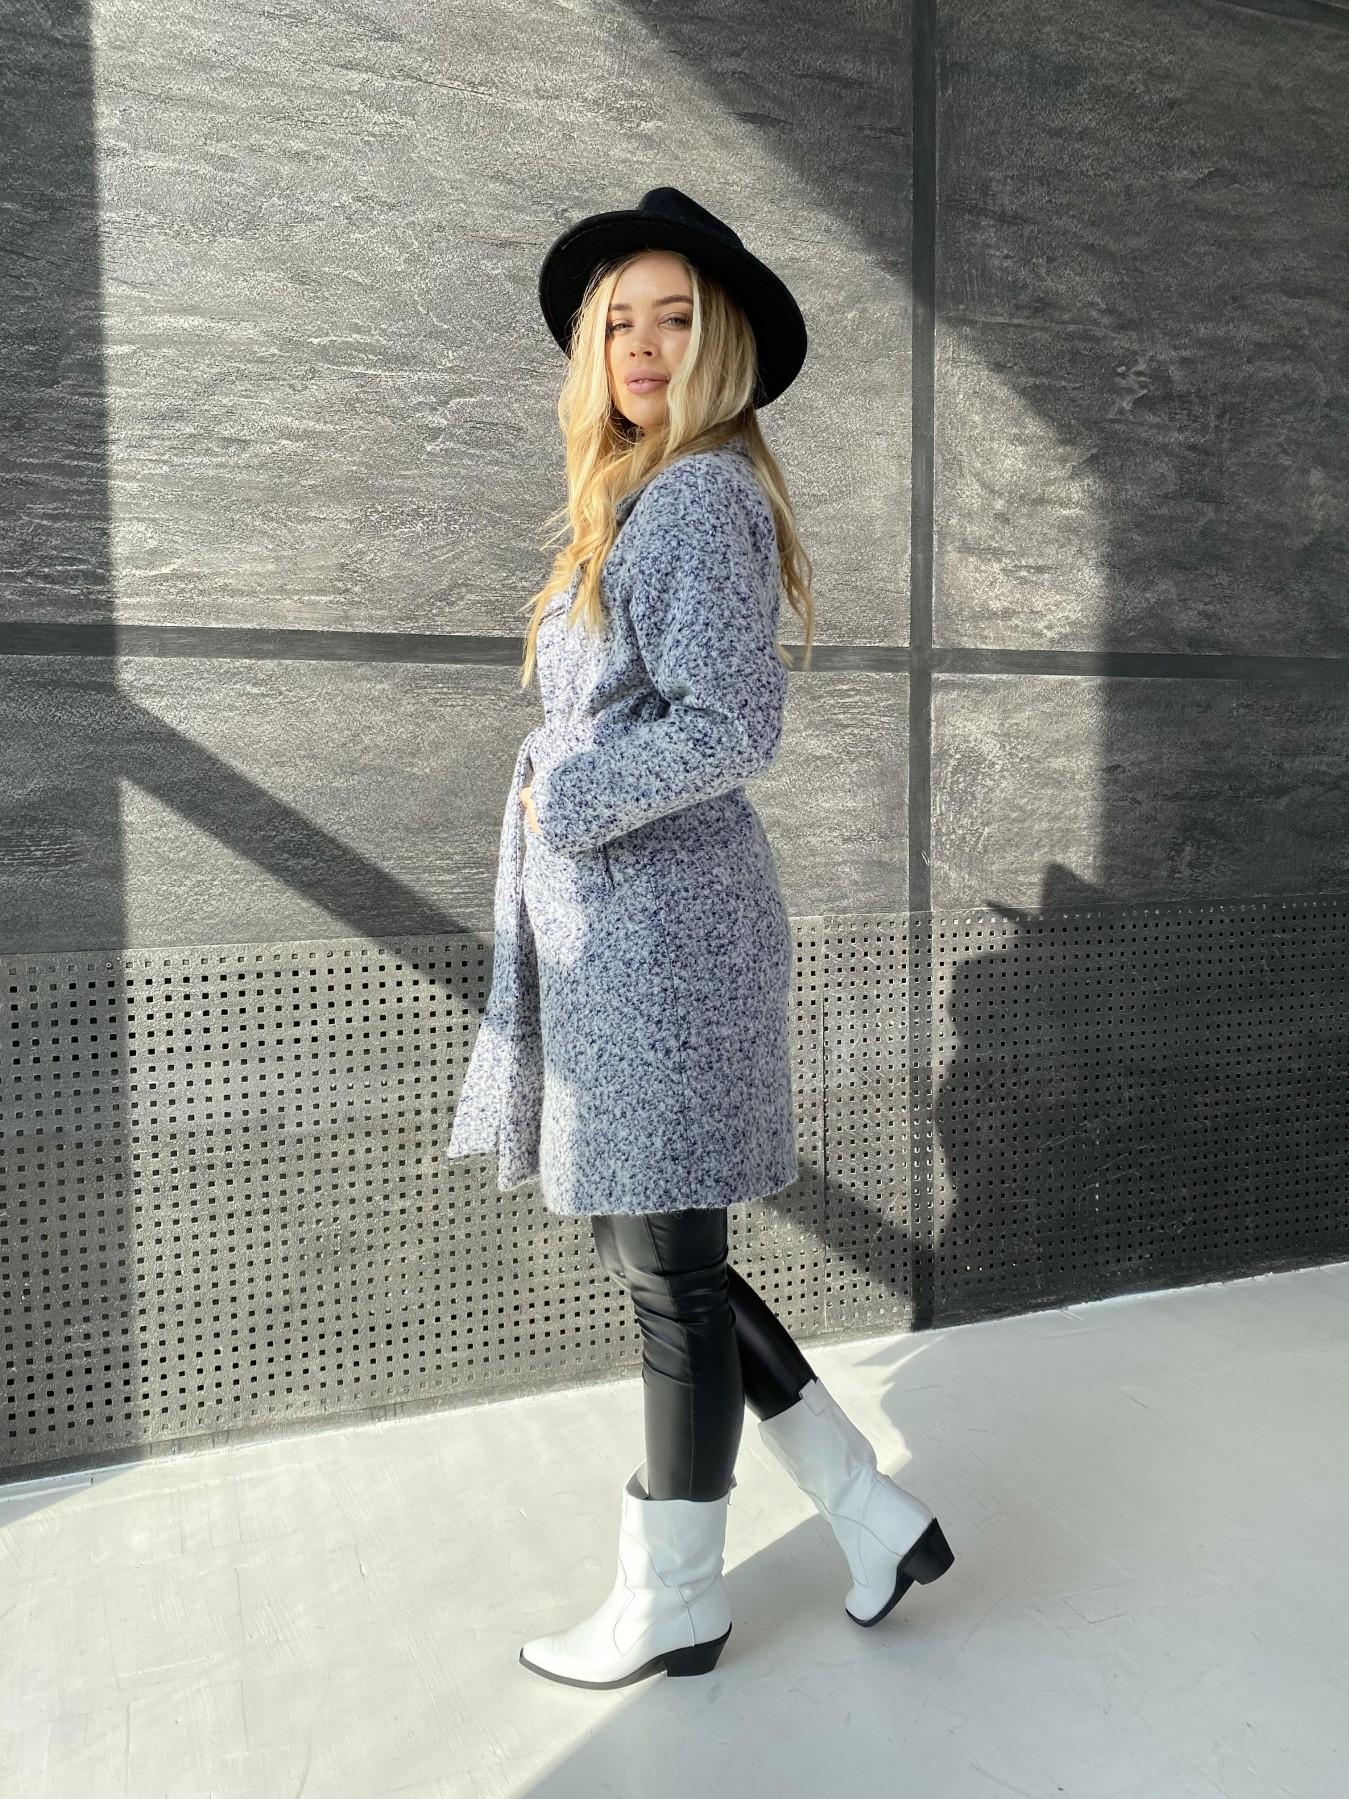 Сенсей пальто из шерсти букле 10780 АРТ. 47234 Цвет: Серо-голубой 60 - фото 5, интернет магазин tm-modus.ru